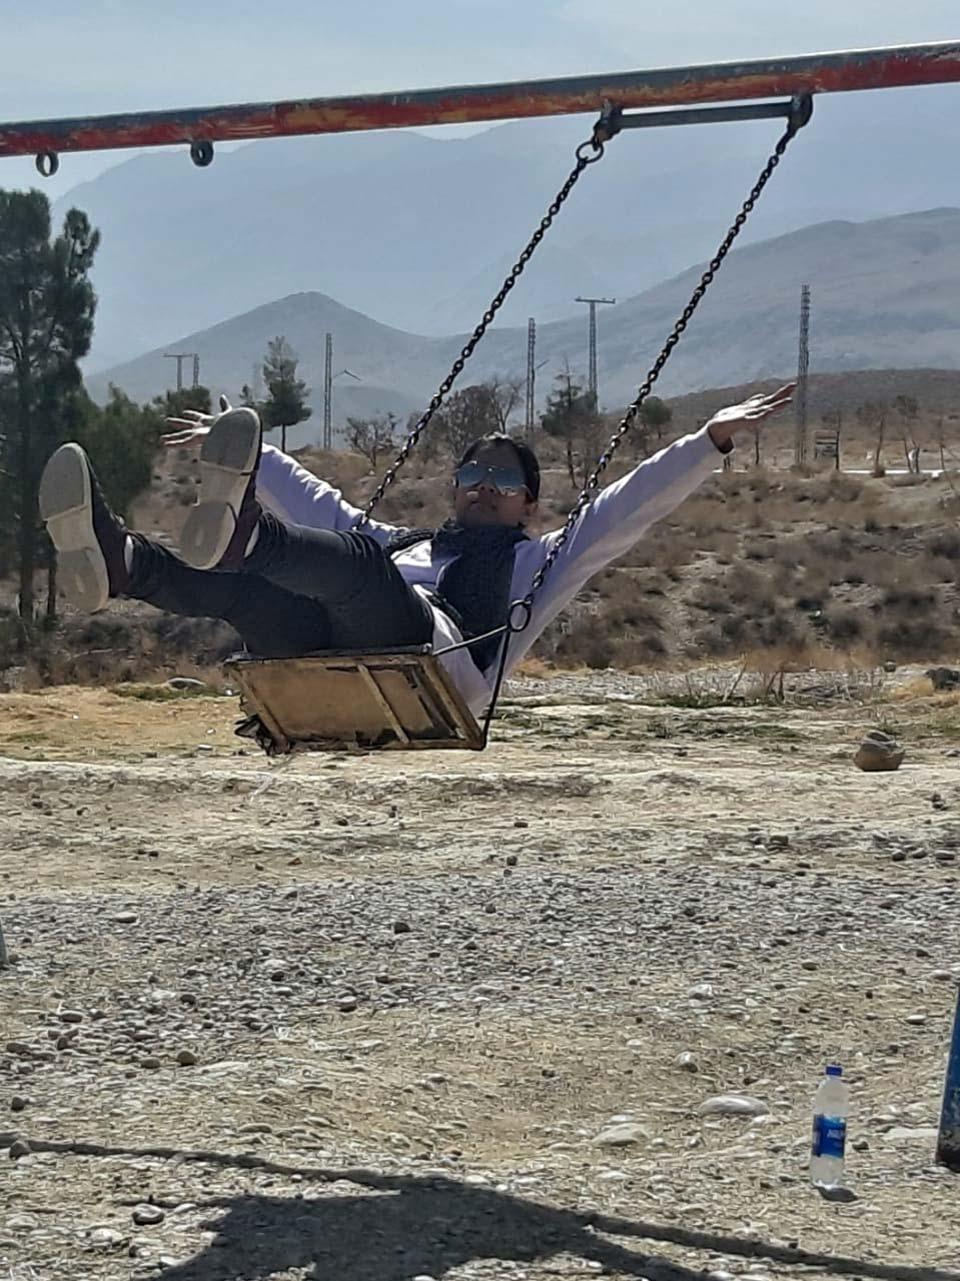 Zoya is on a swing having loads of fun.